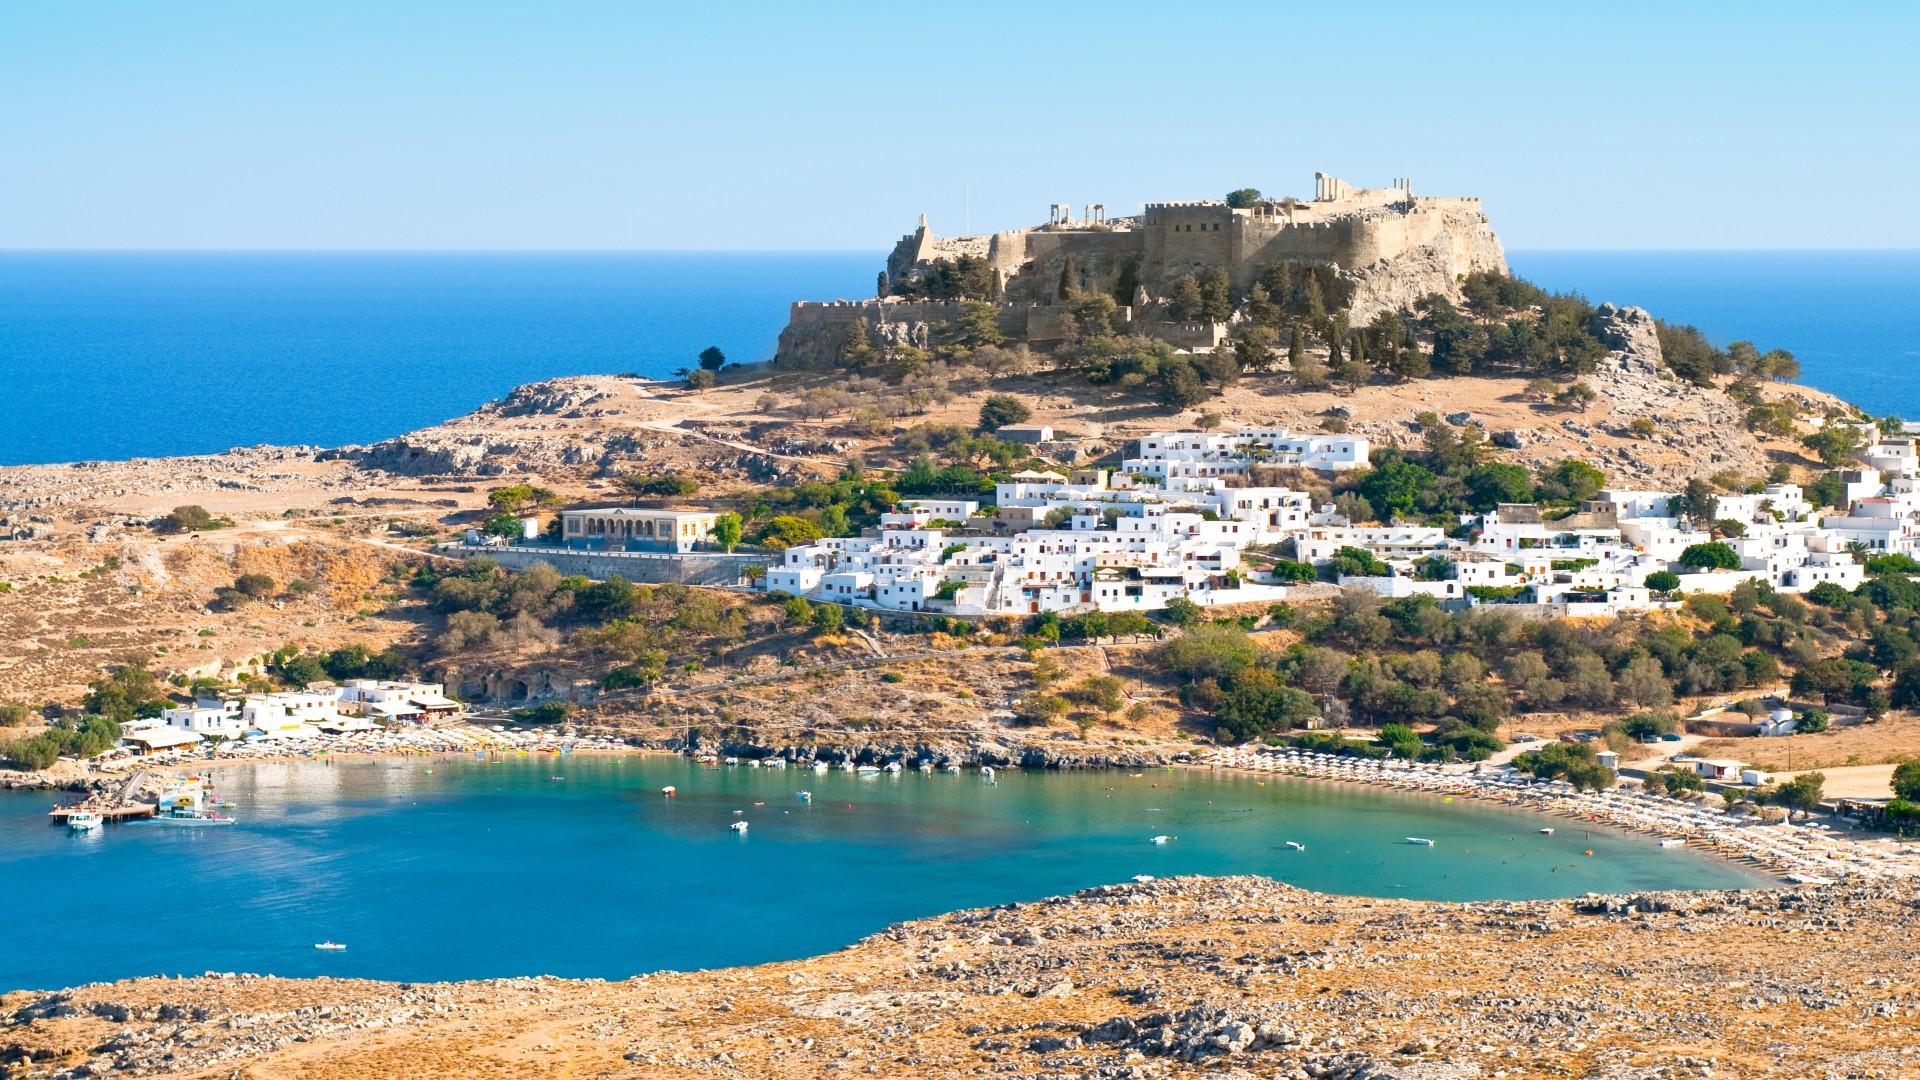 Acropolis in de oude Griekse stad Lindos, Rhodos Eiland, Griekenland